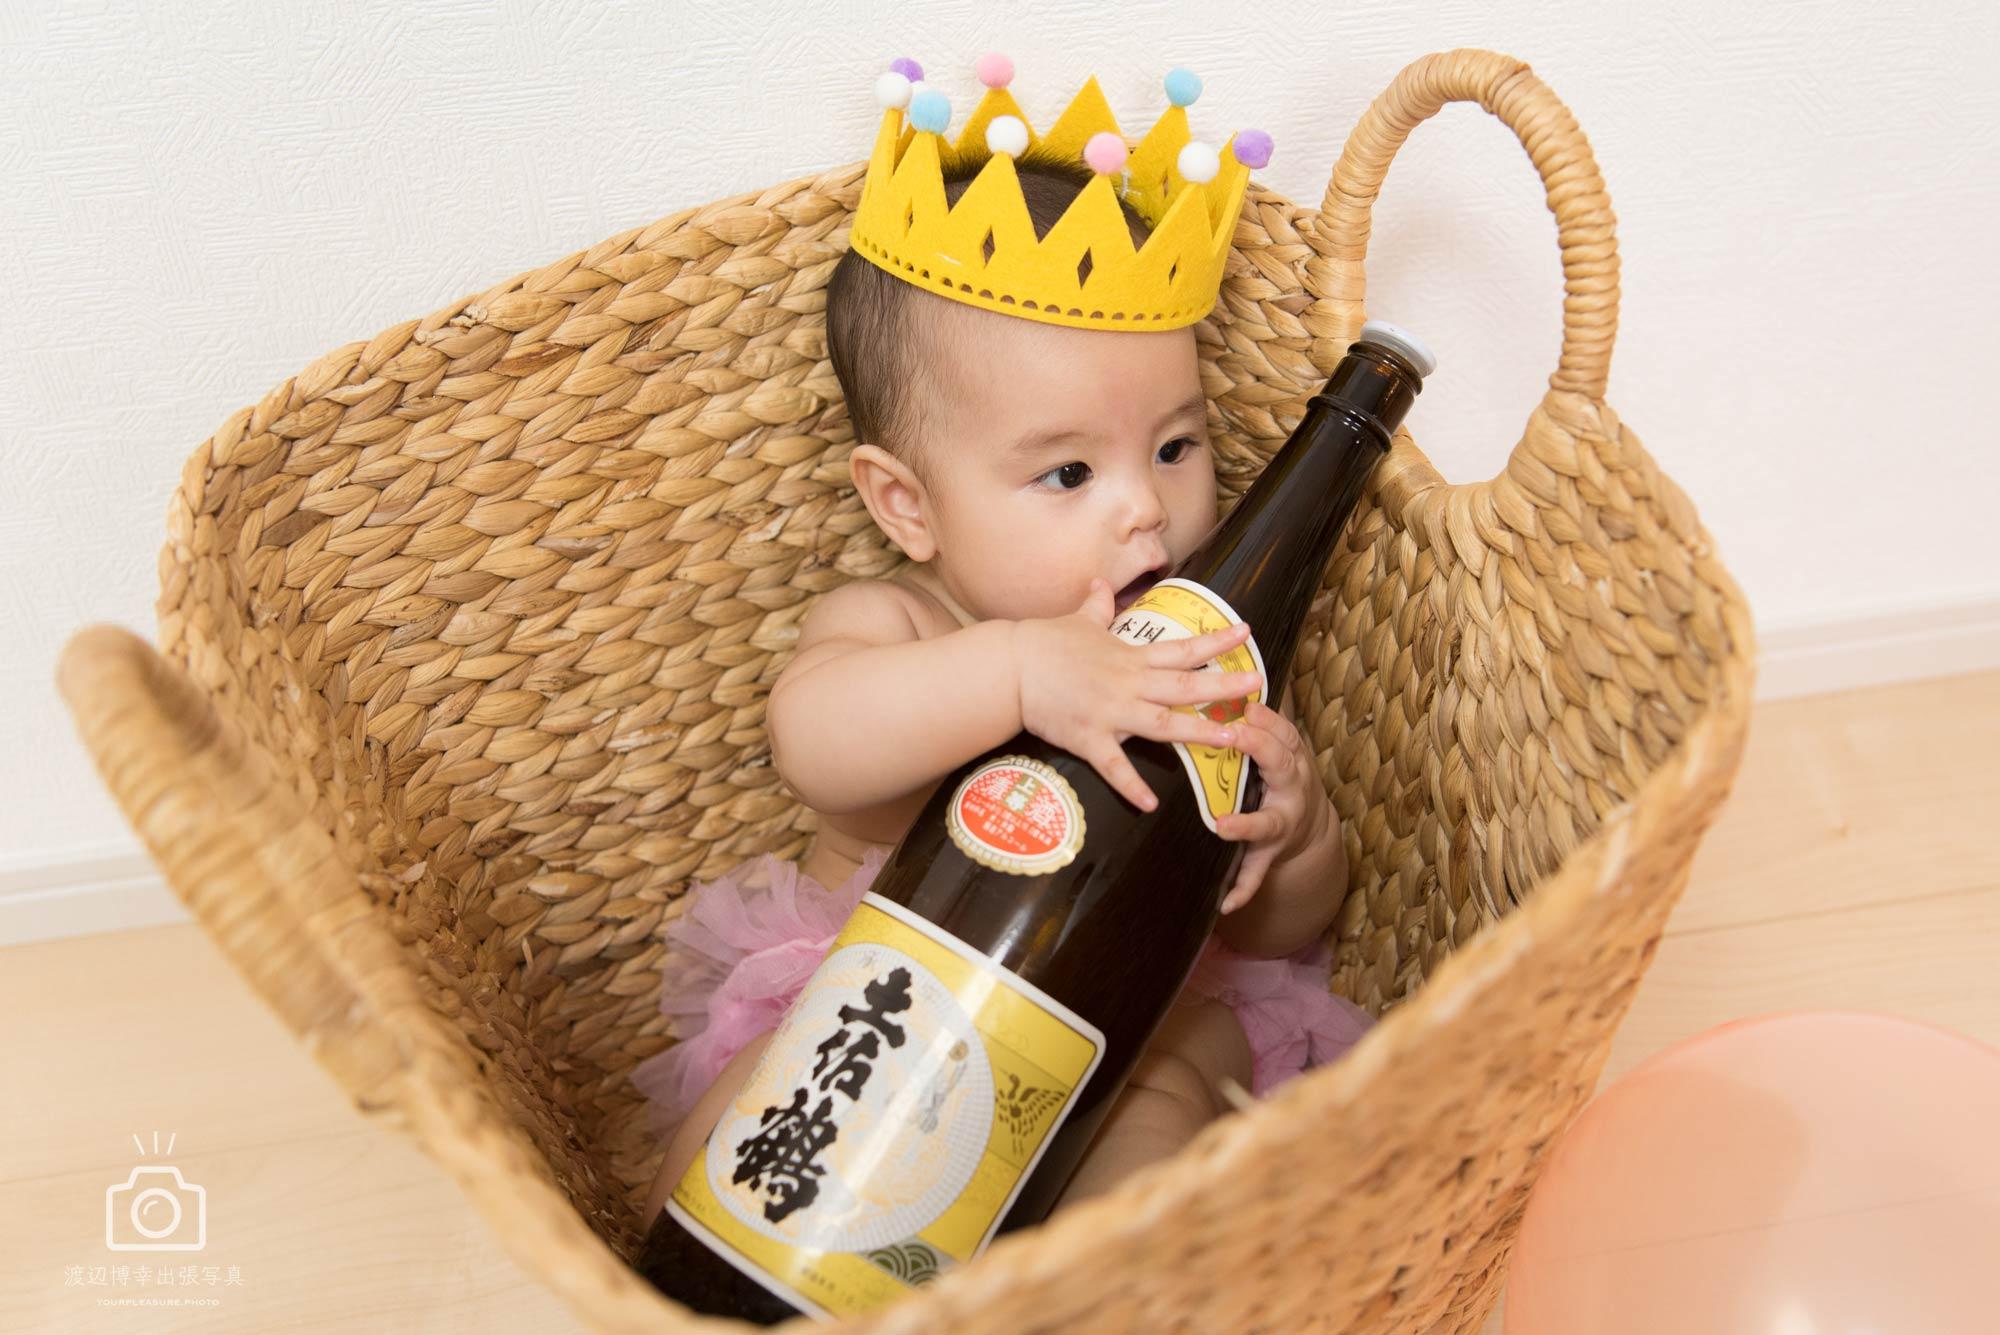 日本酒の瓶を抱えている赤ちゃん